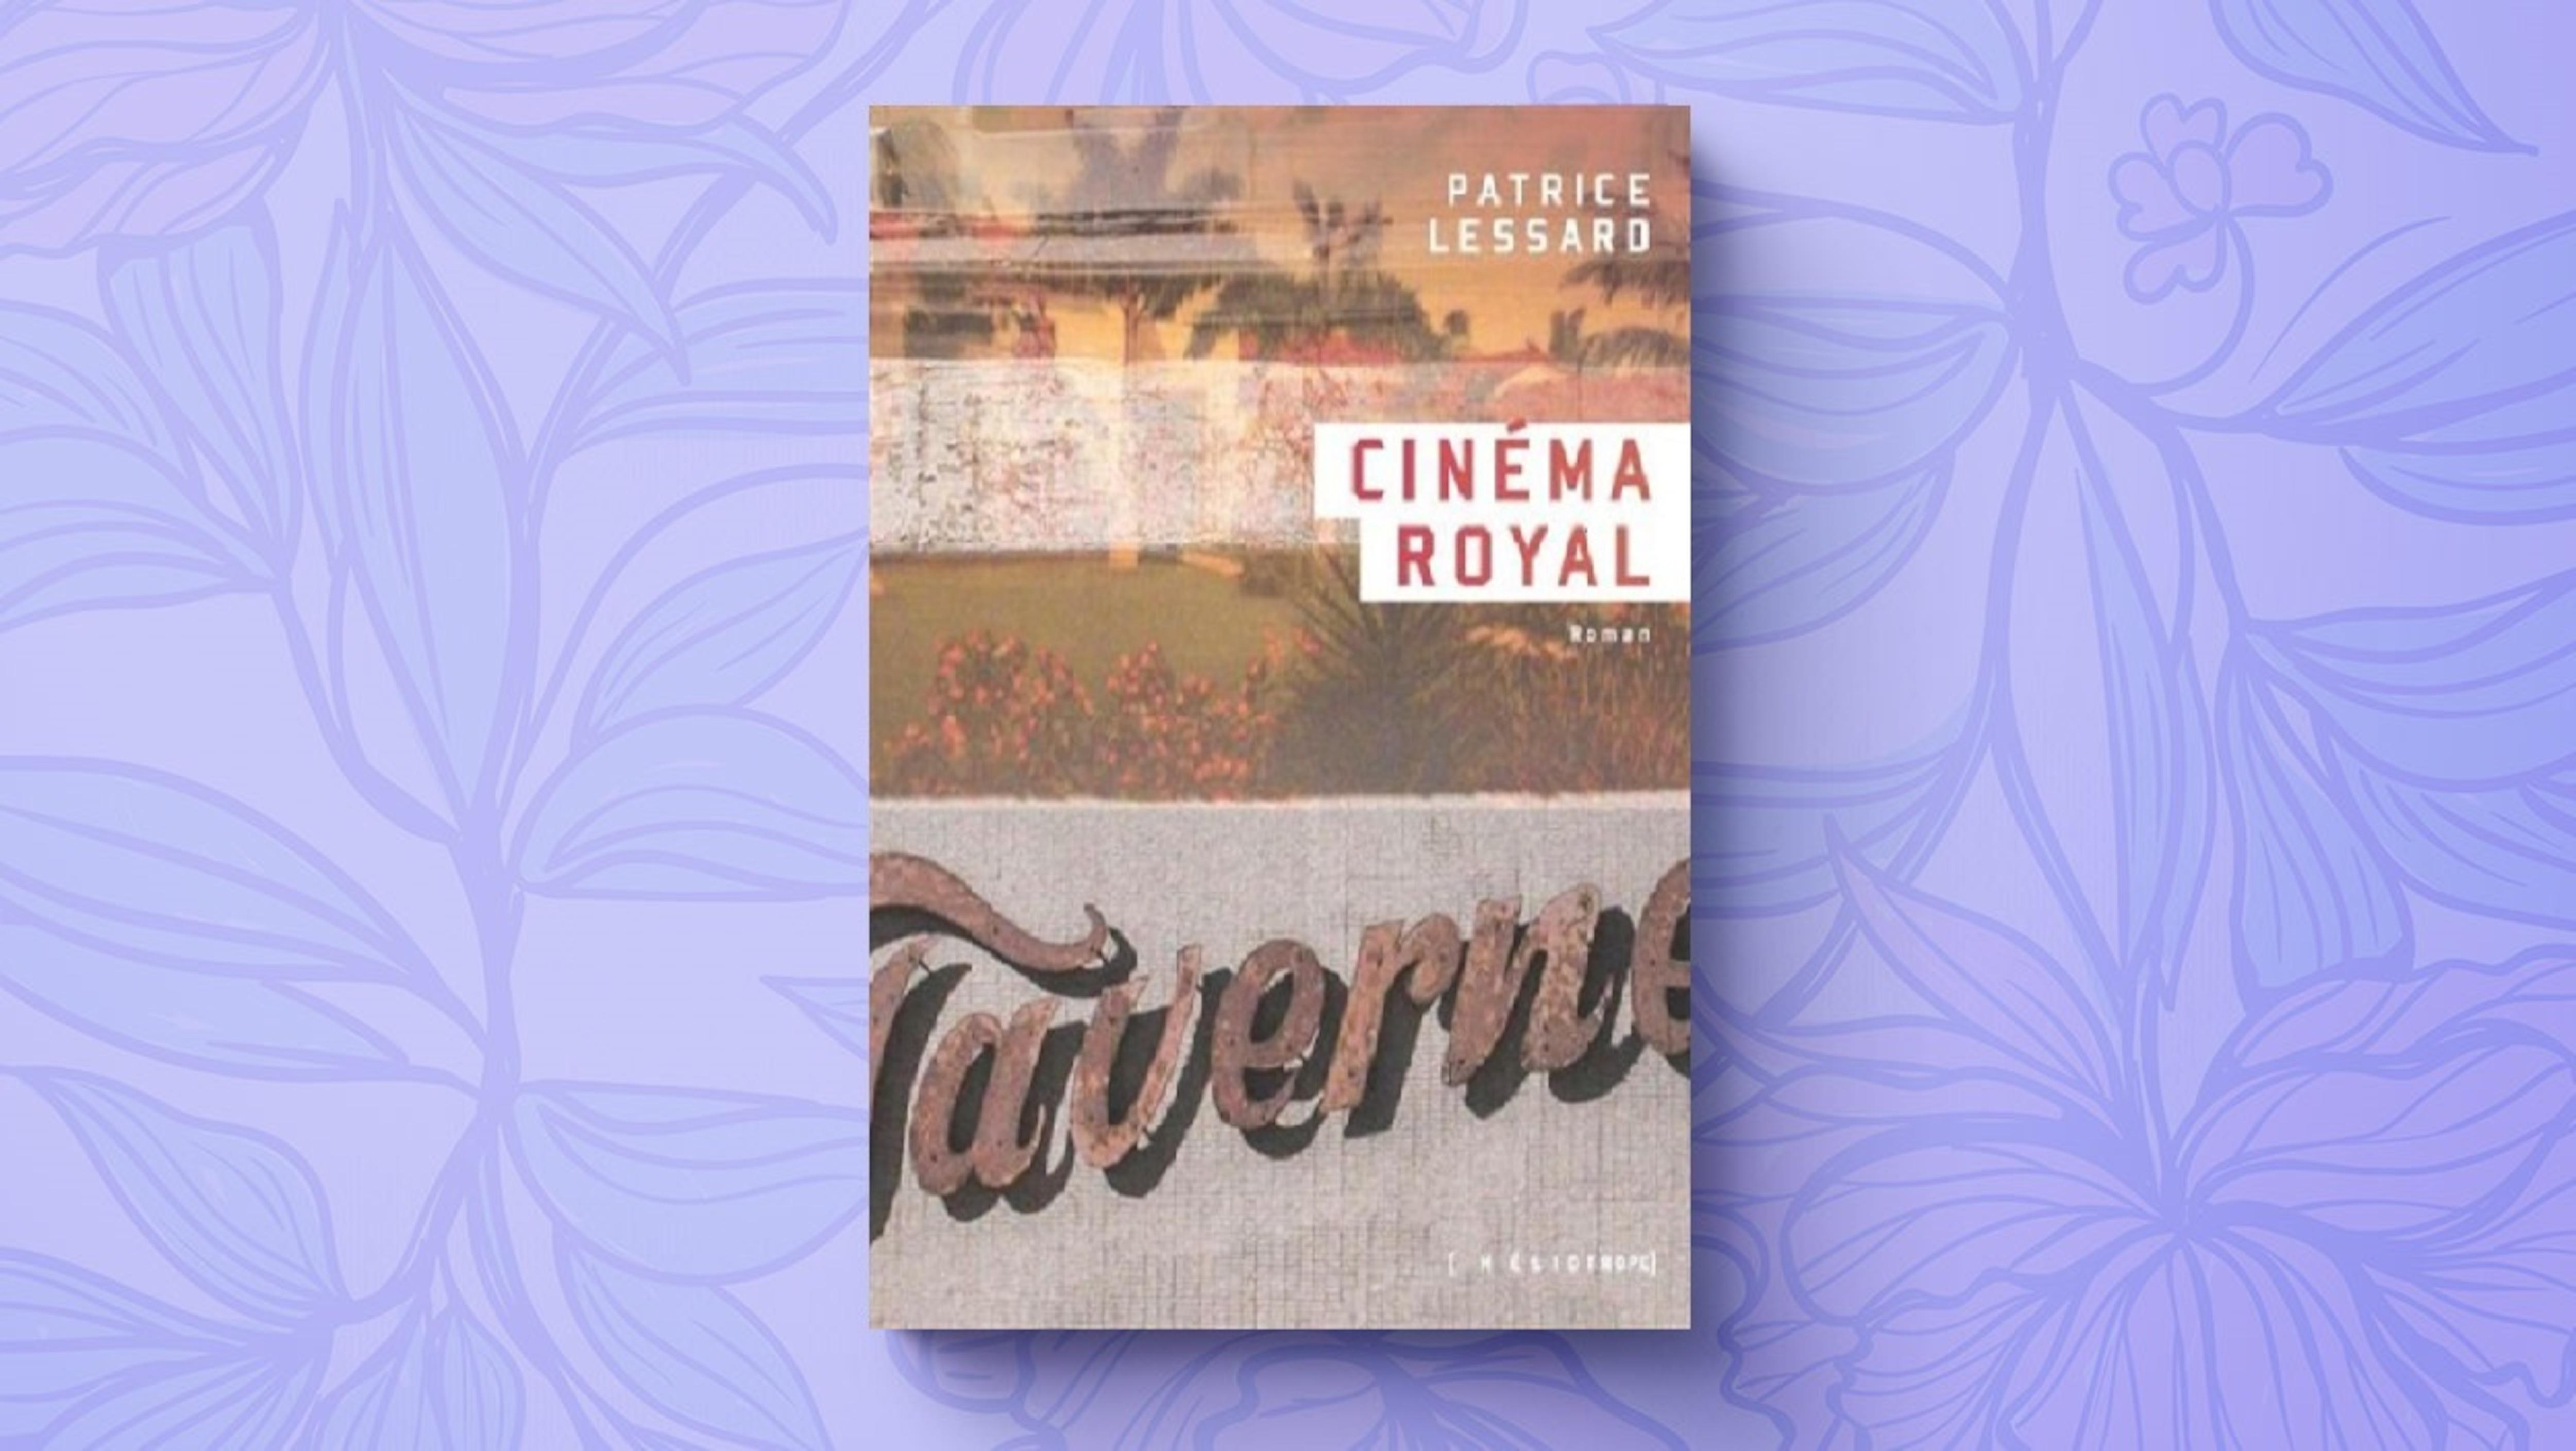 Le roman Cinéma Royal, de l'auteur Patrice Lessard